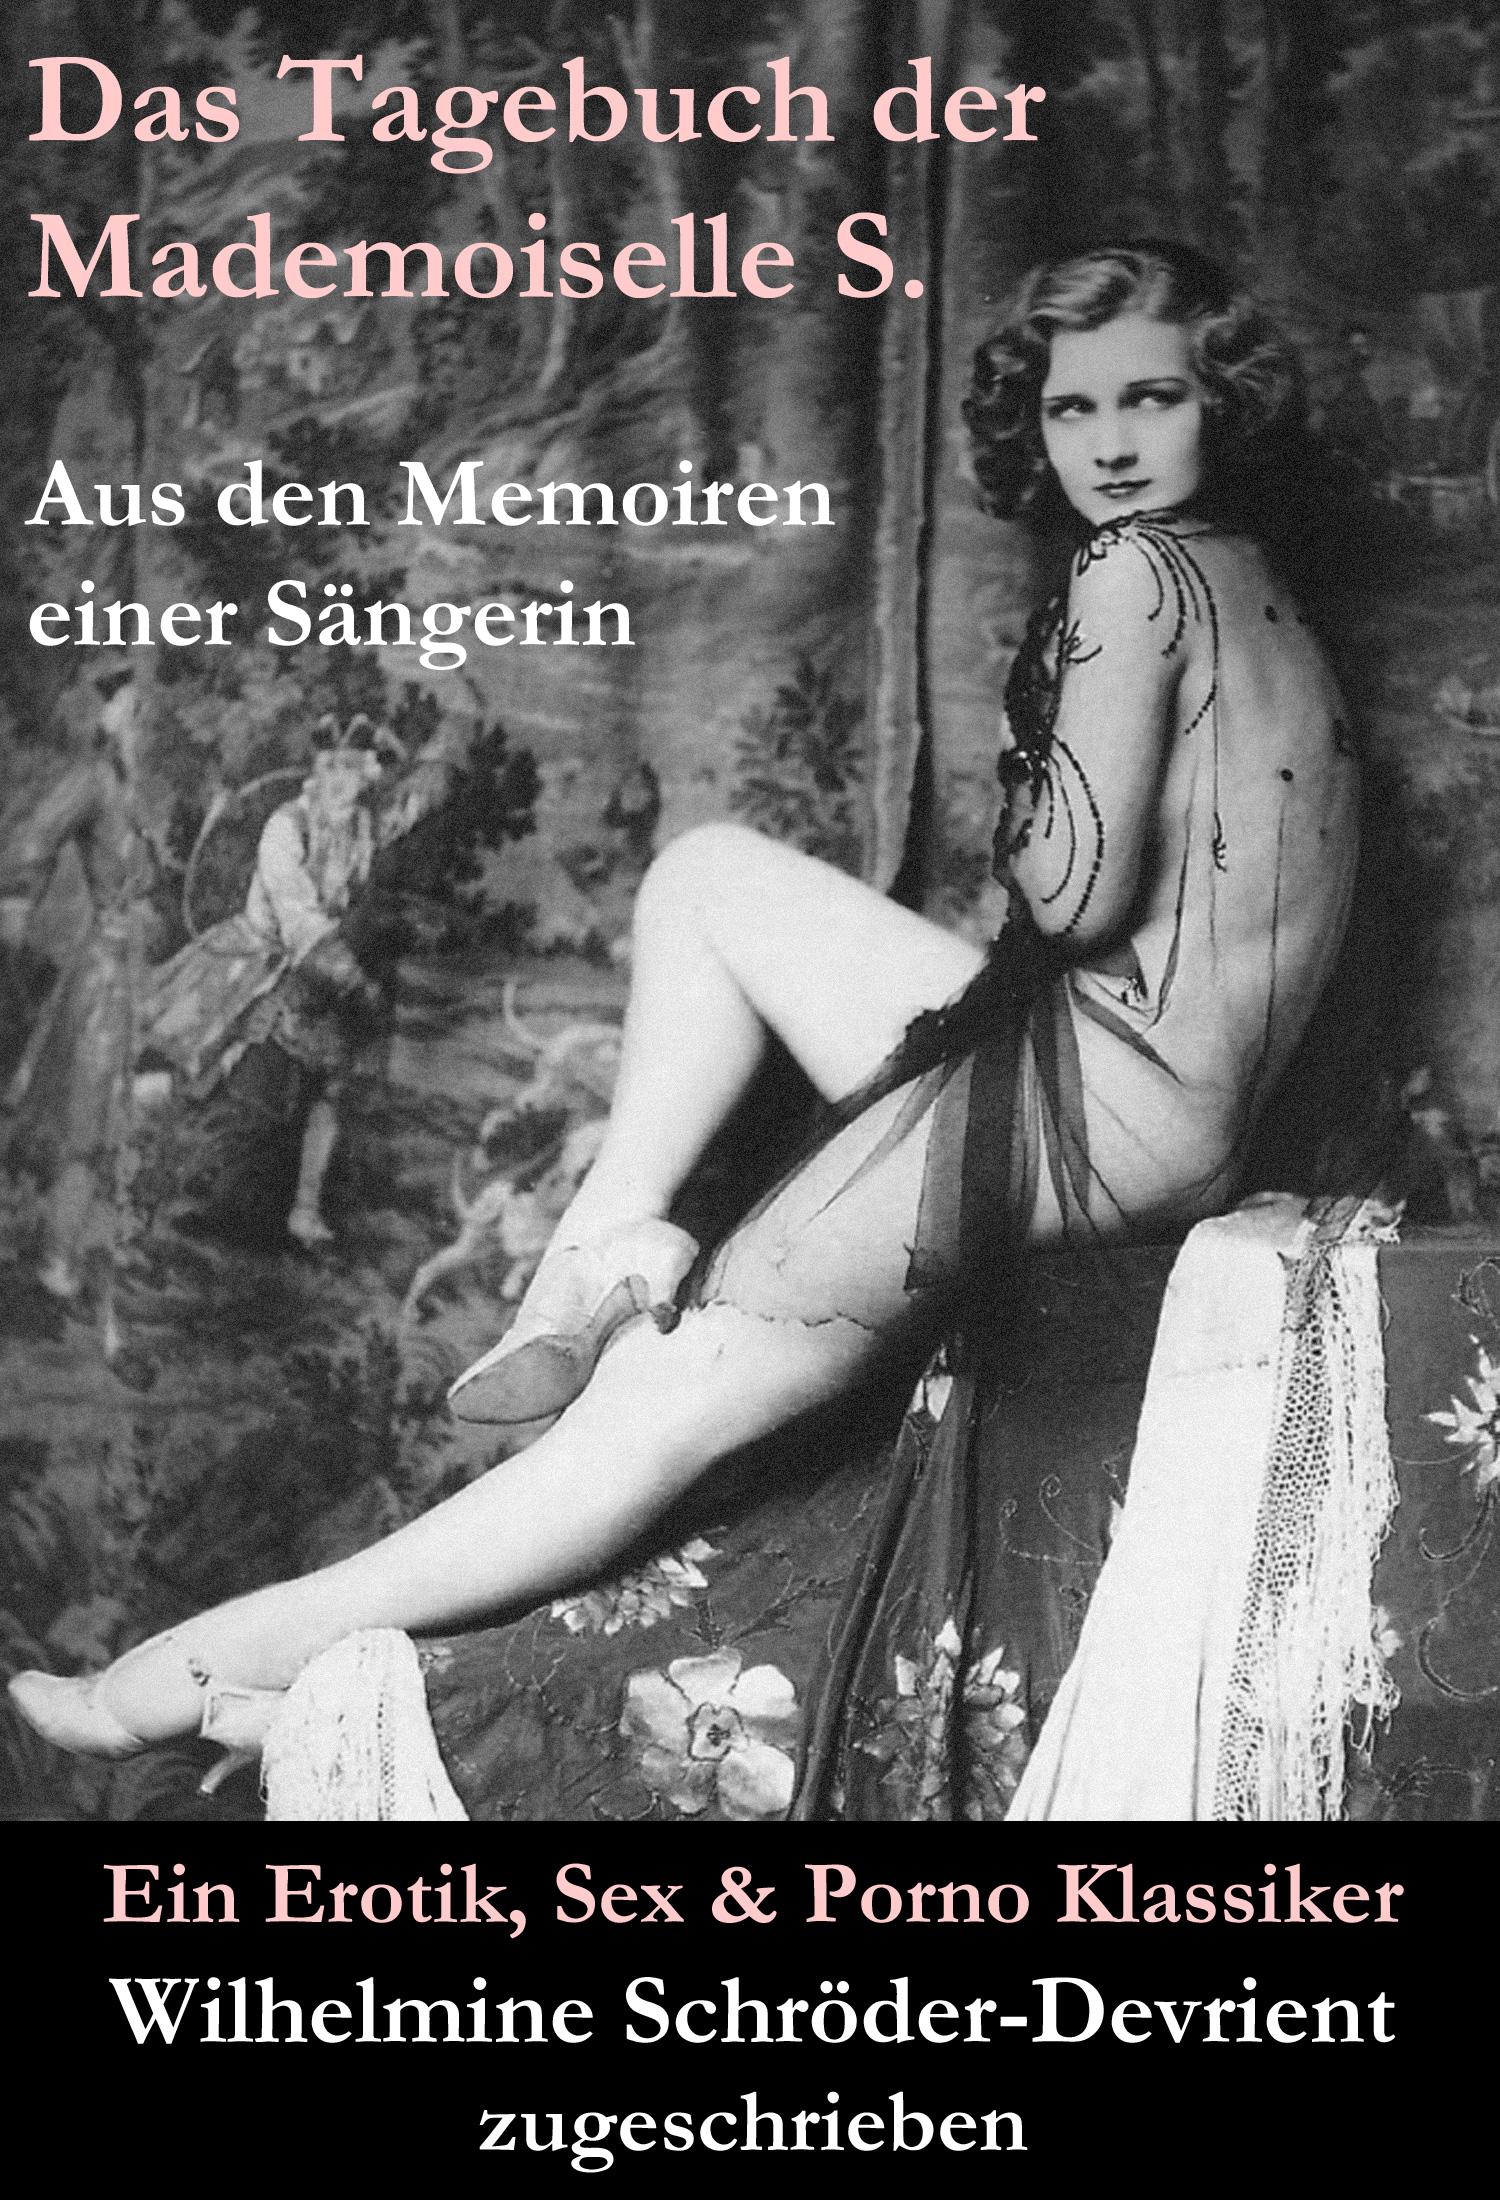 Wilhelmine Schröder-Devrient (zugeschrieben) Das Tagebuch der Mademoiselle S. Aus den Memoiren einer Sängerin (Ein Erotik, Sex & Porno Klassiker)